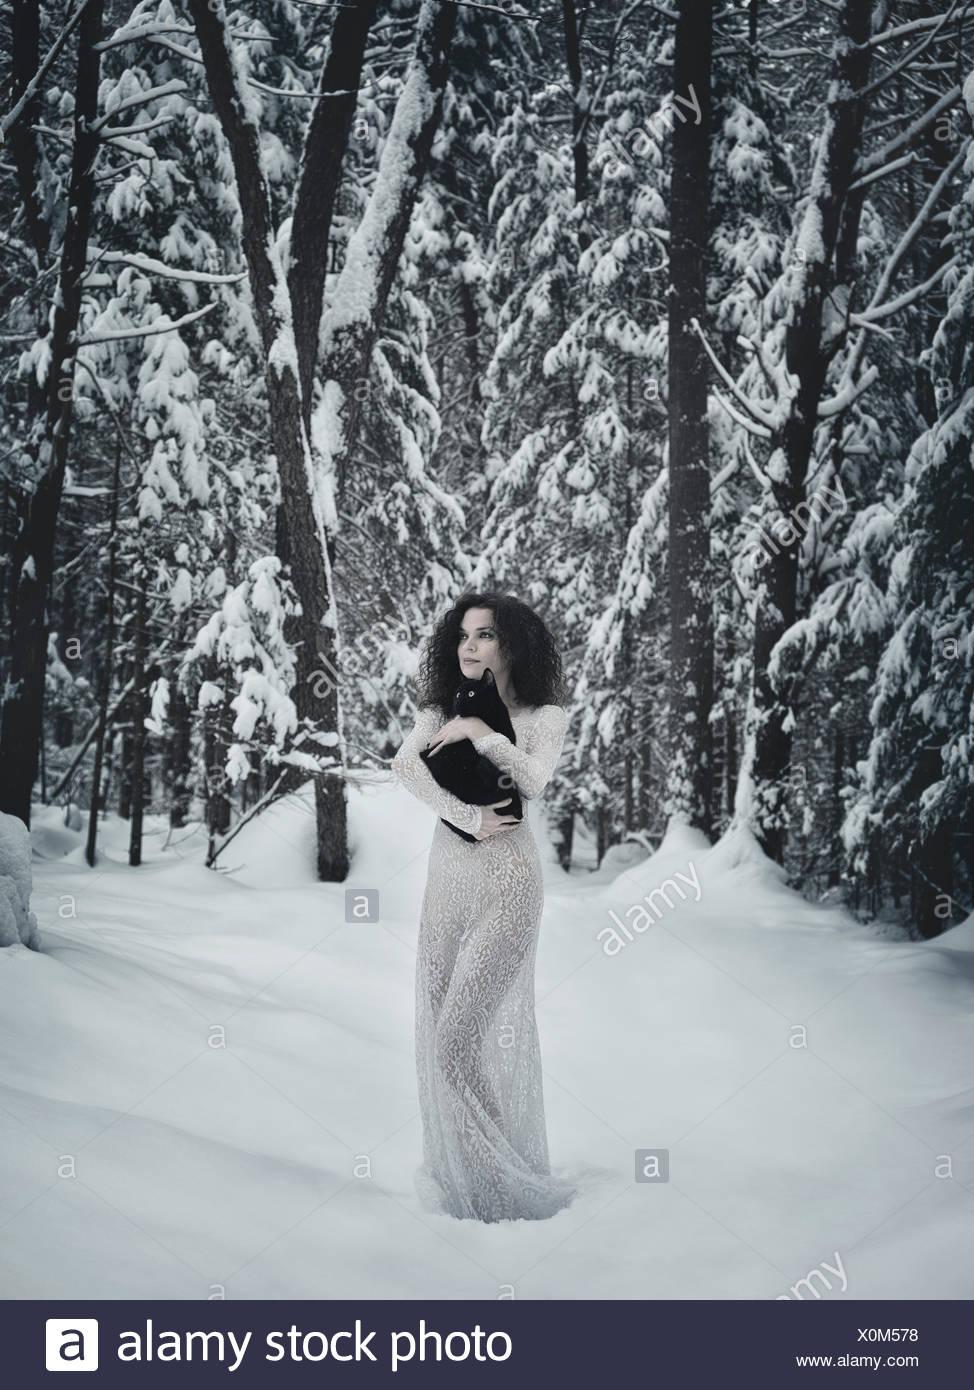 Bella donna in bianco abito lungo passeggiate nella neve con un gatto nero nelle sue mani, inverno, schnee, wald Immagini Stock